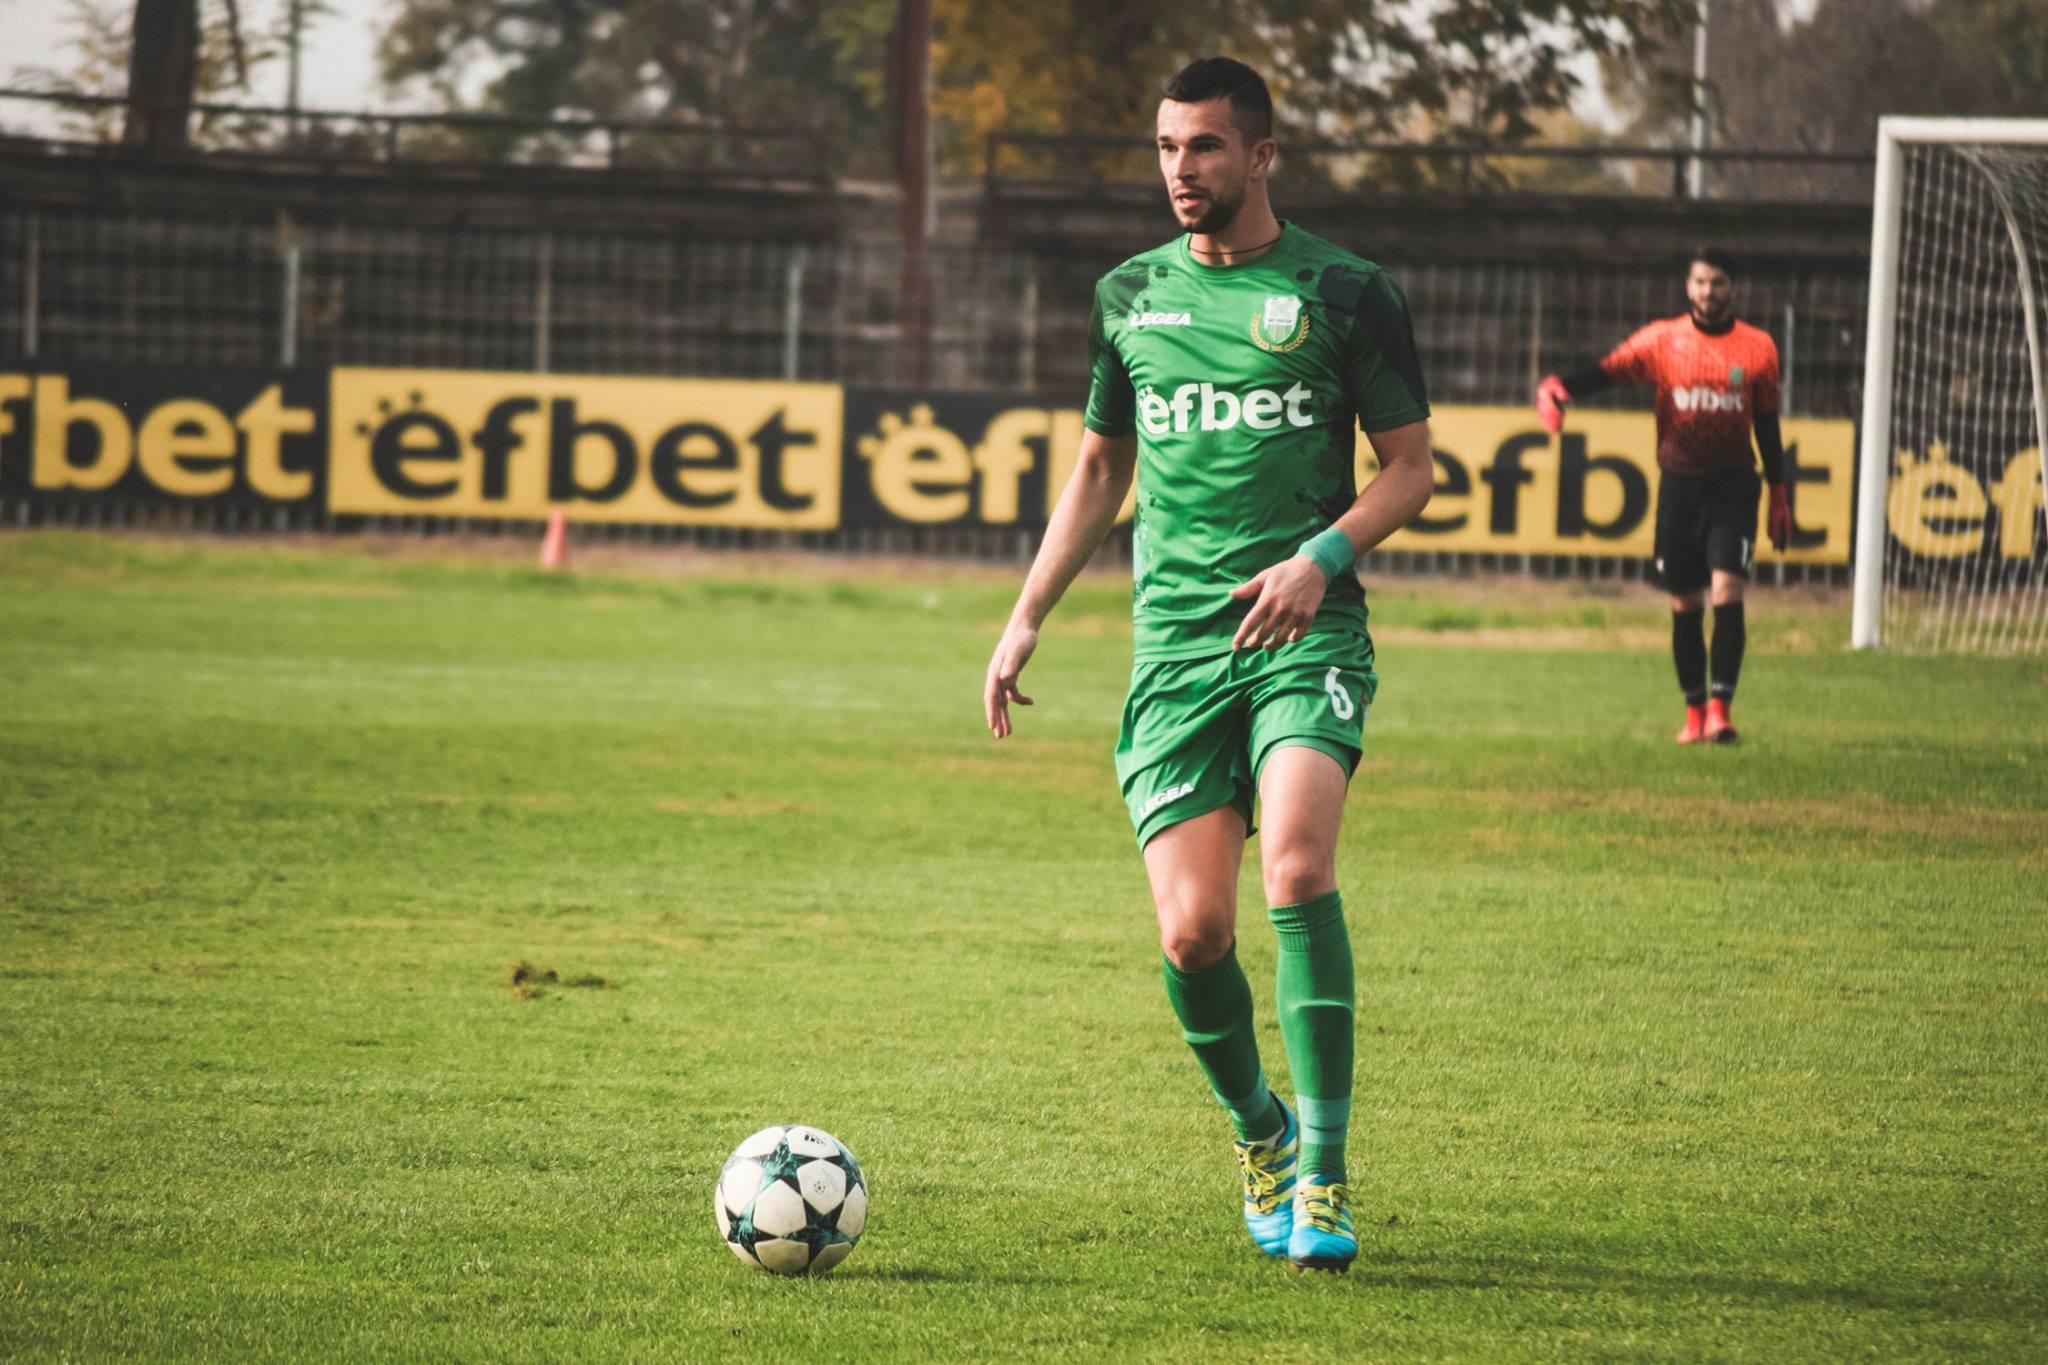 Бившият футболист на Септември (Симитли) и Чавдар (Етрополе) счупи крак на 24 октомври, но се очаква за следващия сезон да бъде на линия. Възстановяването му върви доста добре и вече е започнал да тренира с отбора.